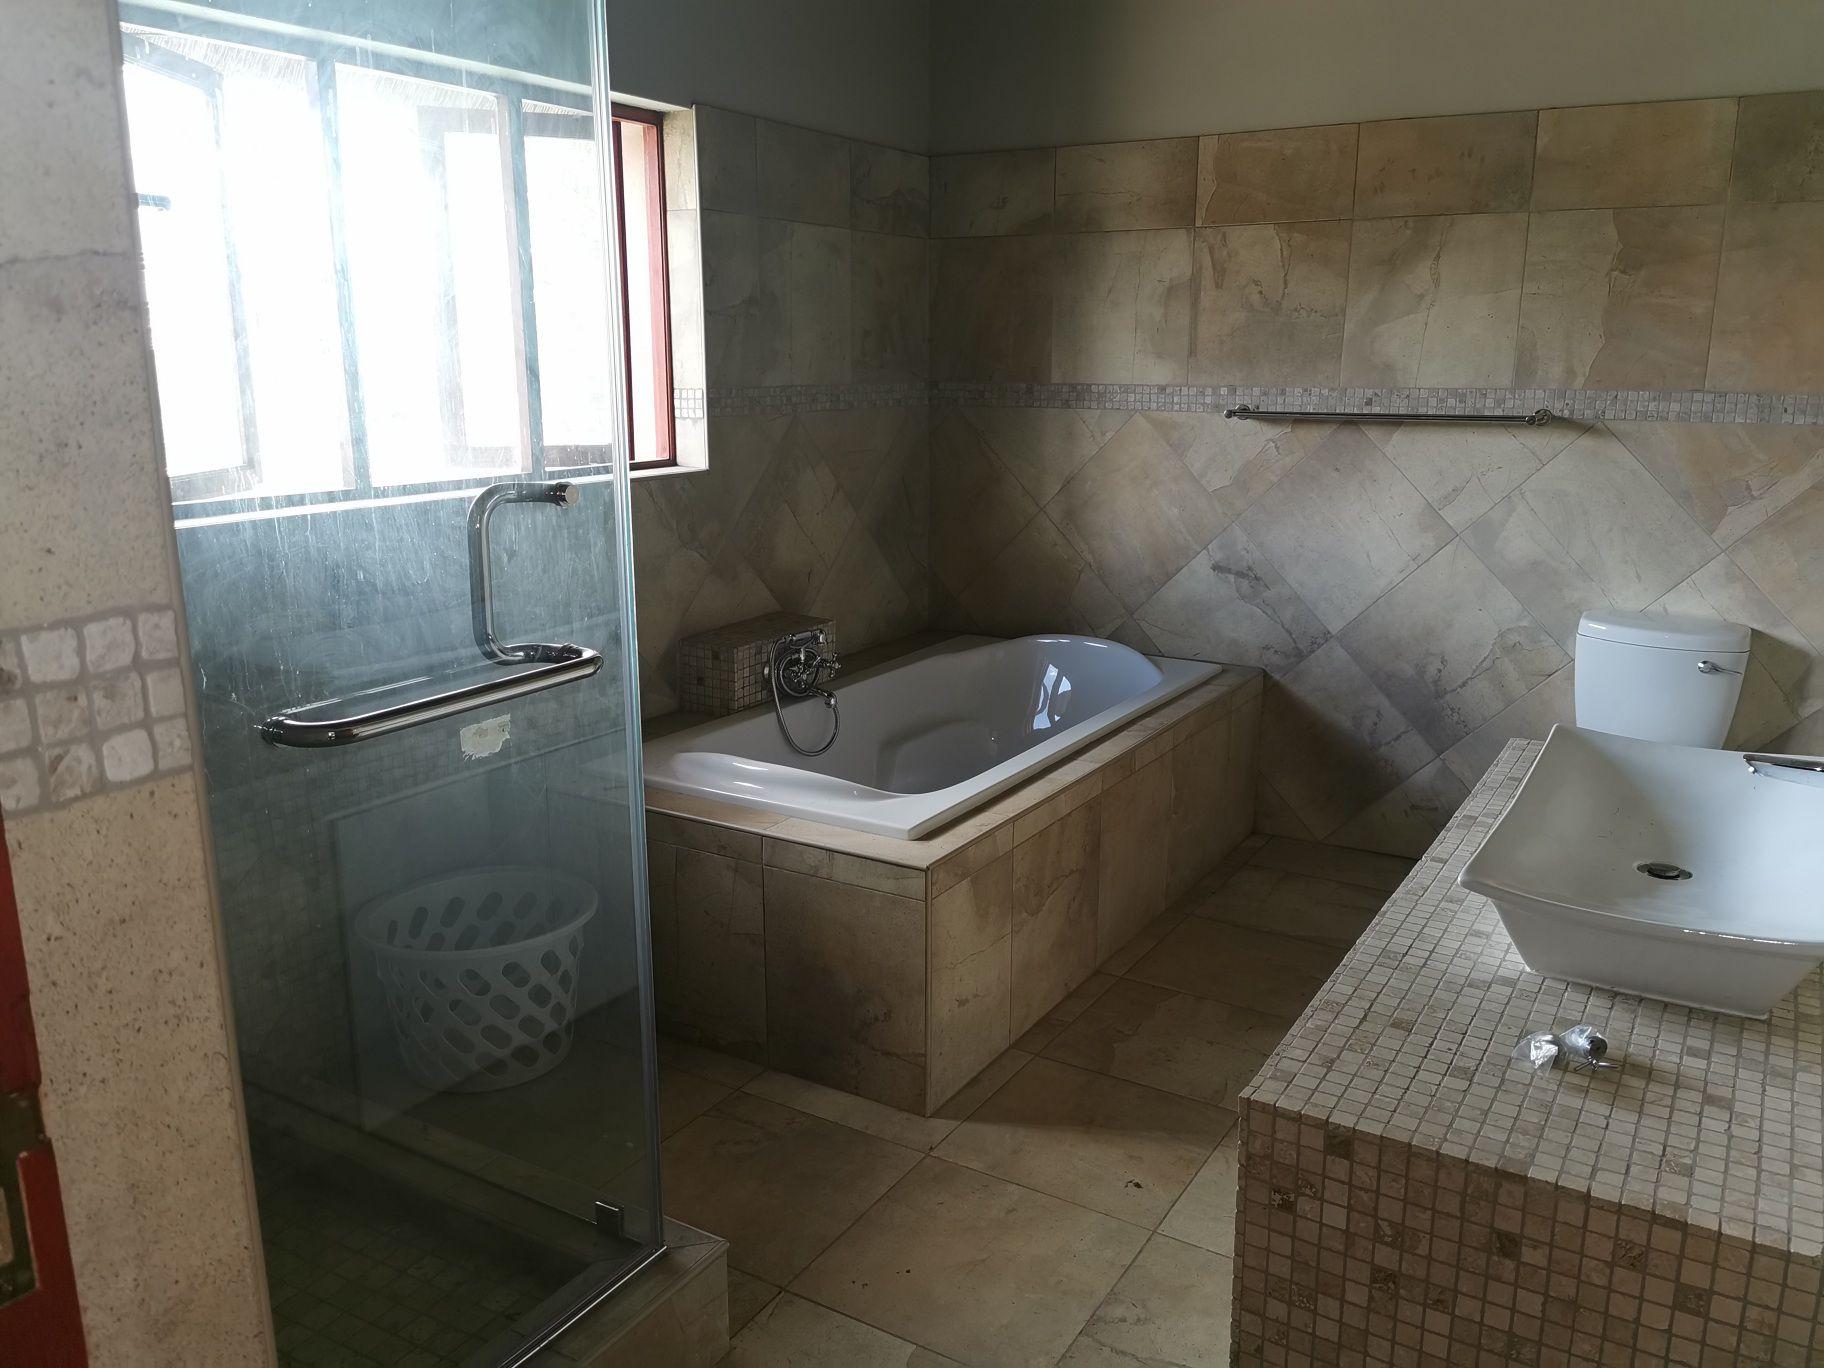 Craigavon cottage bathroom.jpg